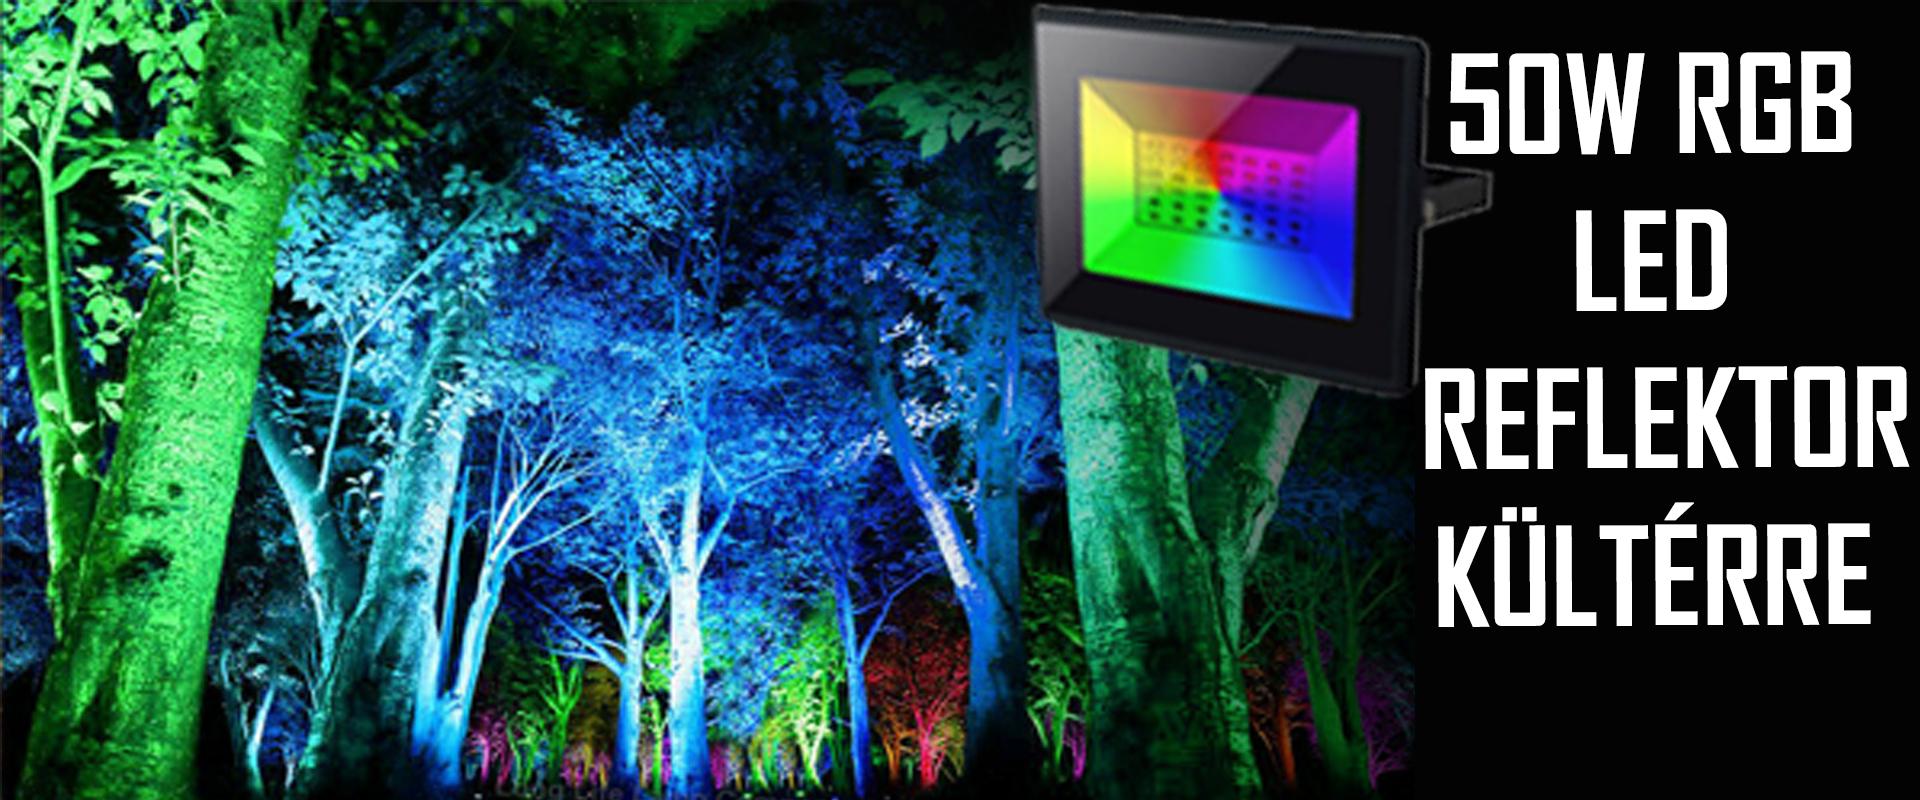 50W RGB LED Reflektor